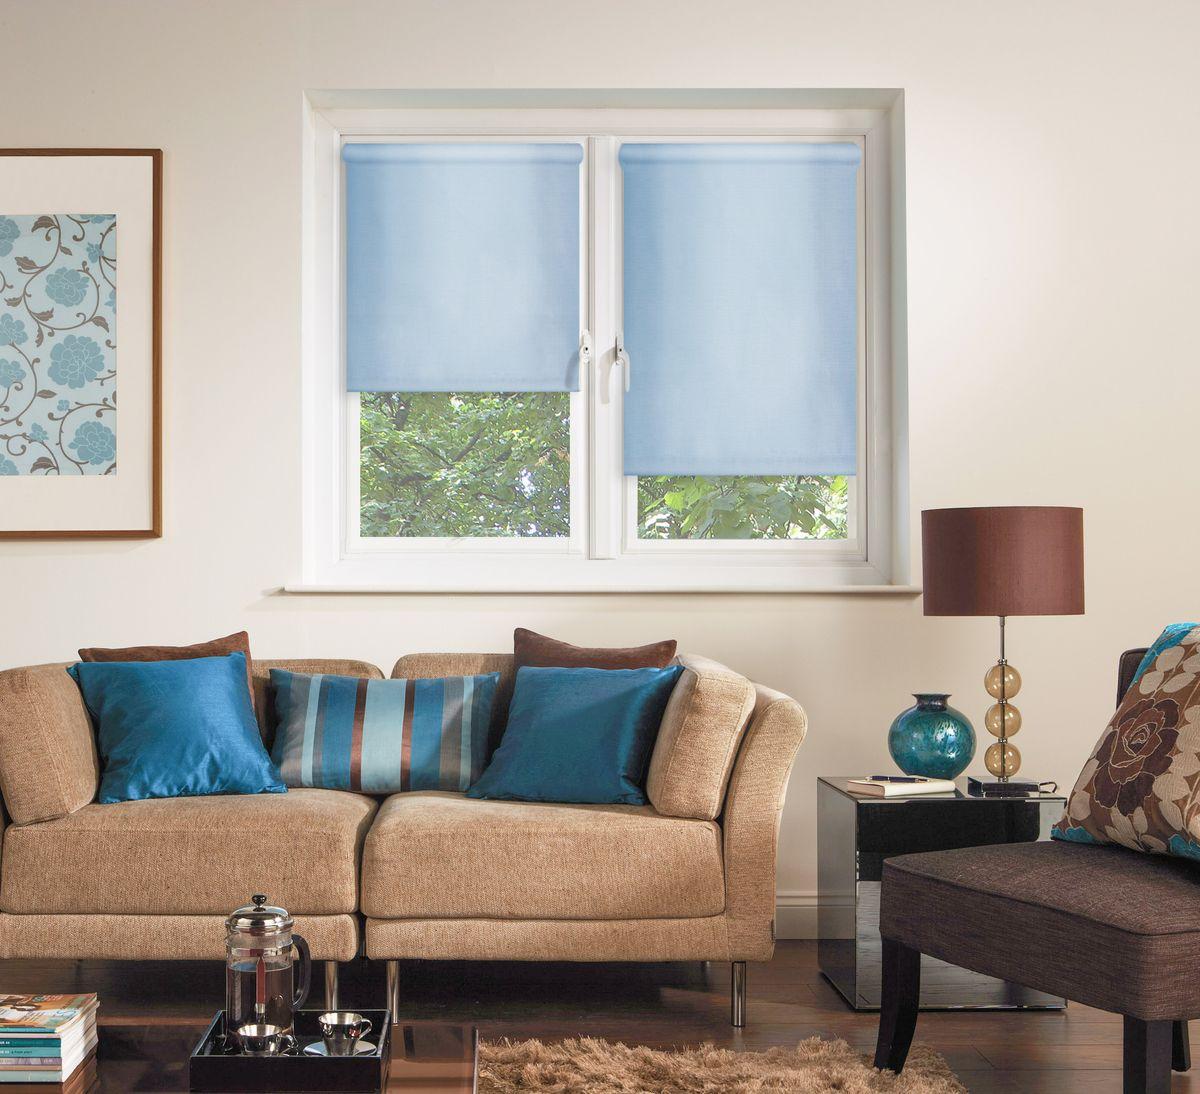 Штора рулонная Эскар Миниролло, цвет: голубой, ширина 57 см, высота 170 см10503Рулонная штора Эскар Миниролло выполнена из высокопрочной ткани, которая сохраняет свой размер даже при намокании. Ткань не выцветает и обладает отличной цветоустойчивостью.Миниролло - это подвид рулонных штор, который закрывает не весь оконный проем, а непосредственно само стекло. Такие шторы крепятся на раму без сверления при помощи зажимов или клейкой двухсторонней ленты (в комплекте). Окно остается на гарантии, благодаря монтажу без сверления. Такая штора станет прекрасным элементом декора окна и гармонично впишется в интерьер любого помещения.